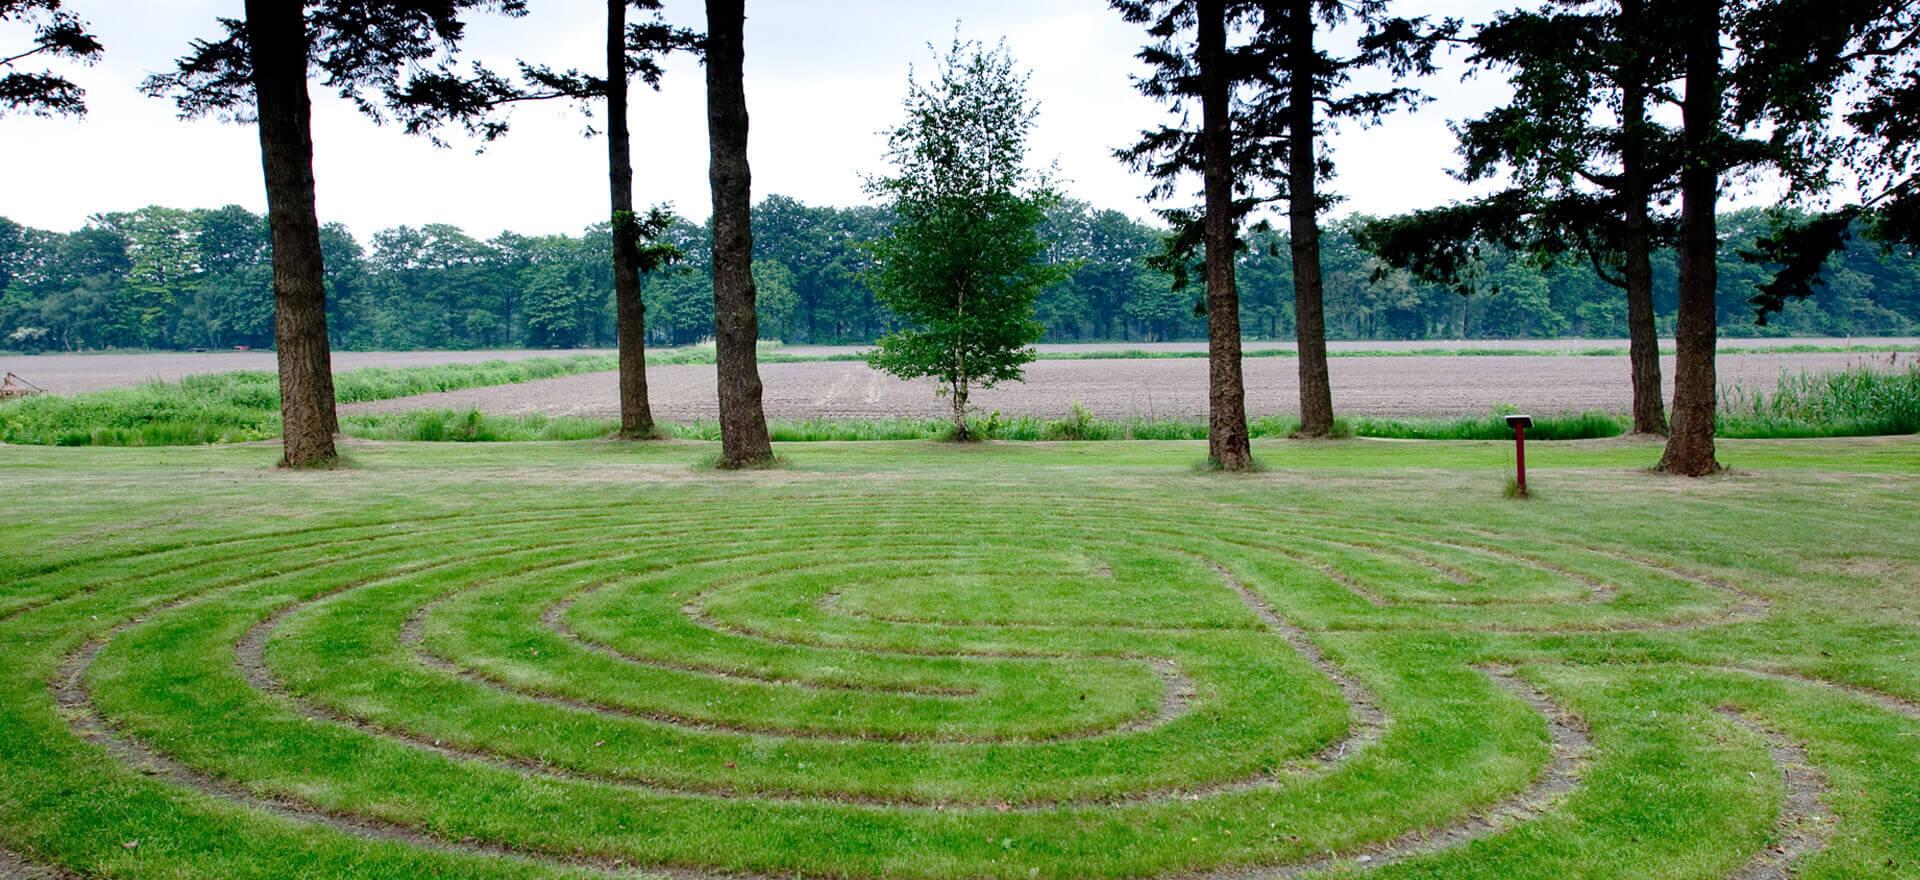 Kloosterhotel ZIN labyrinth tuin landgoed uitzicht rust retraite